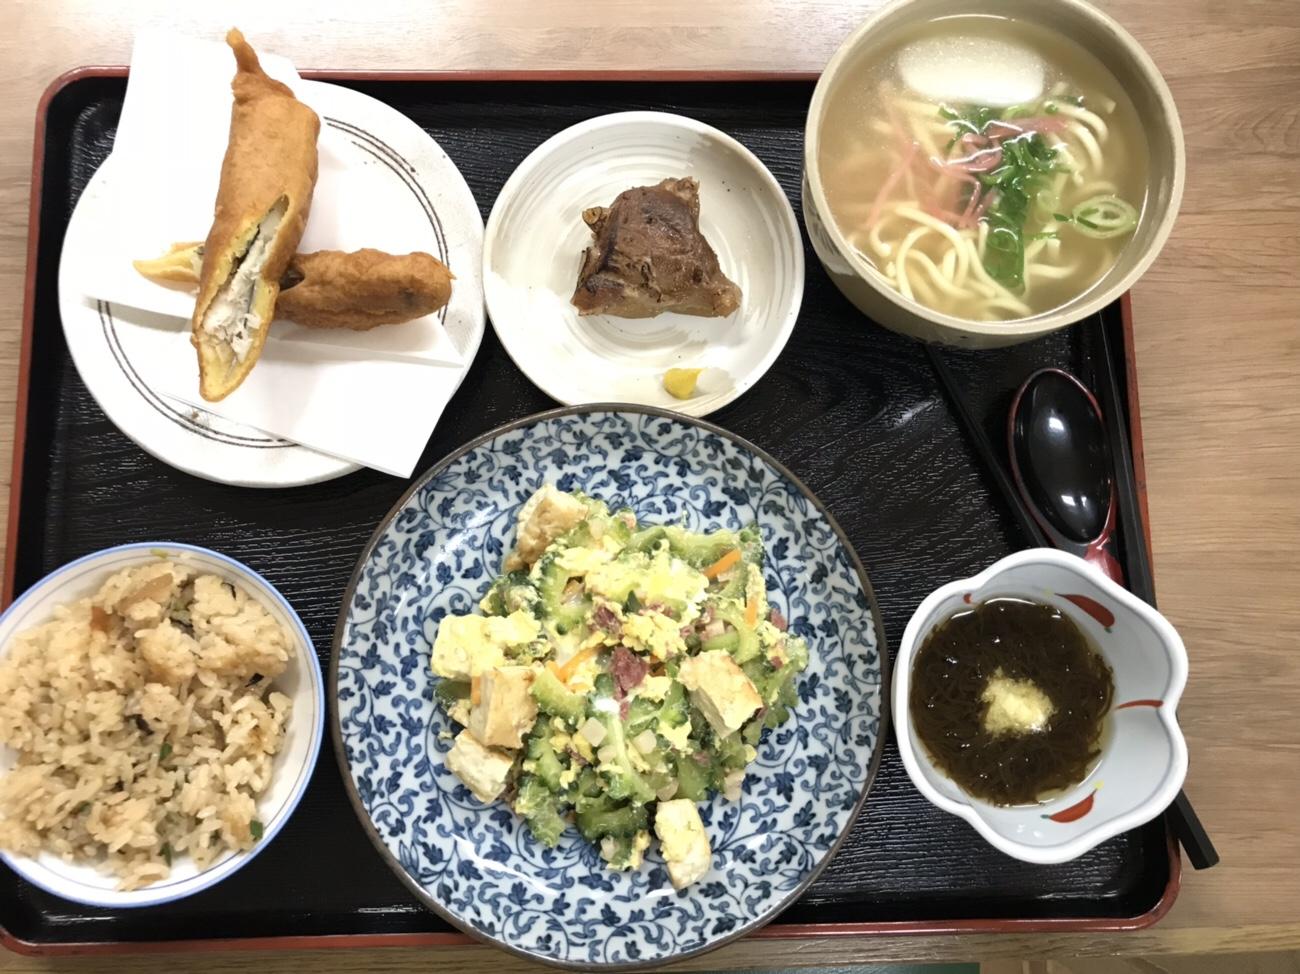 那覇空港 食事 沖縄料理メニュー 沖縄ソバ